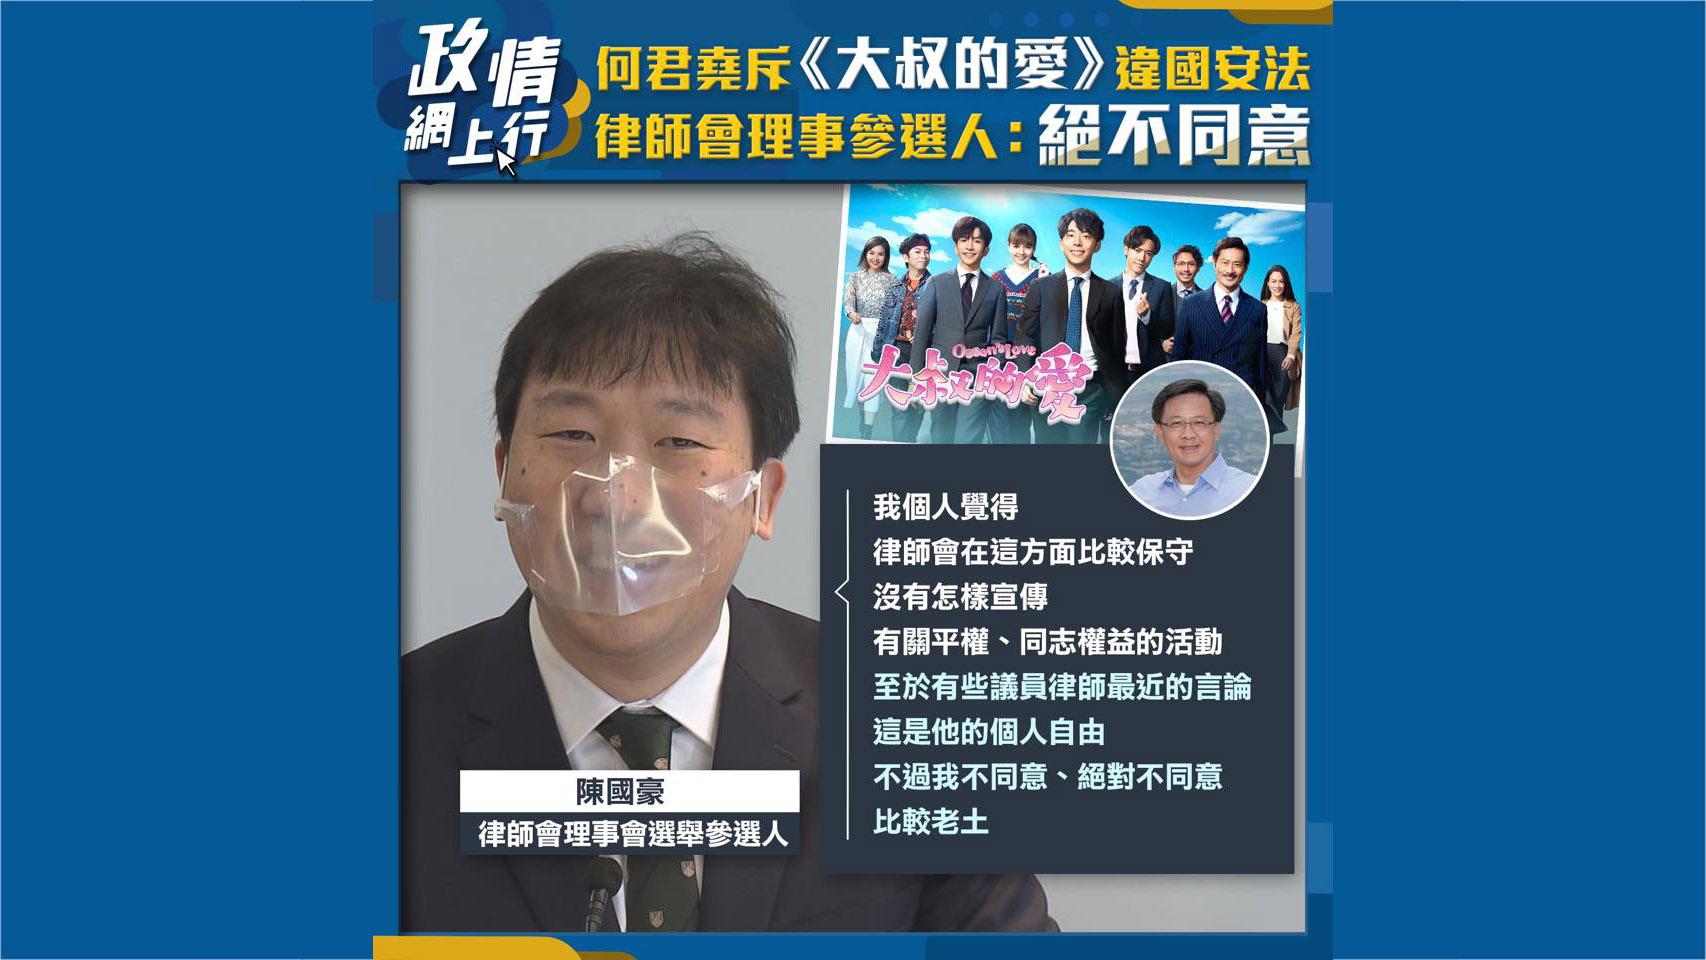 【政情網上行】何君堯斥《大叔的愛》違國安法 律師會理事參選人:絕不同意